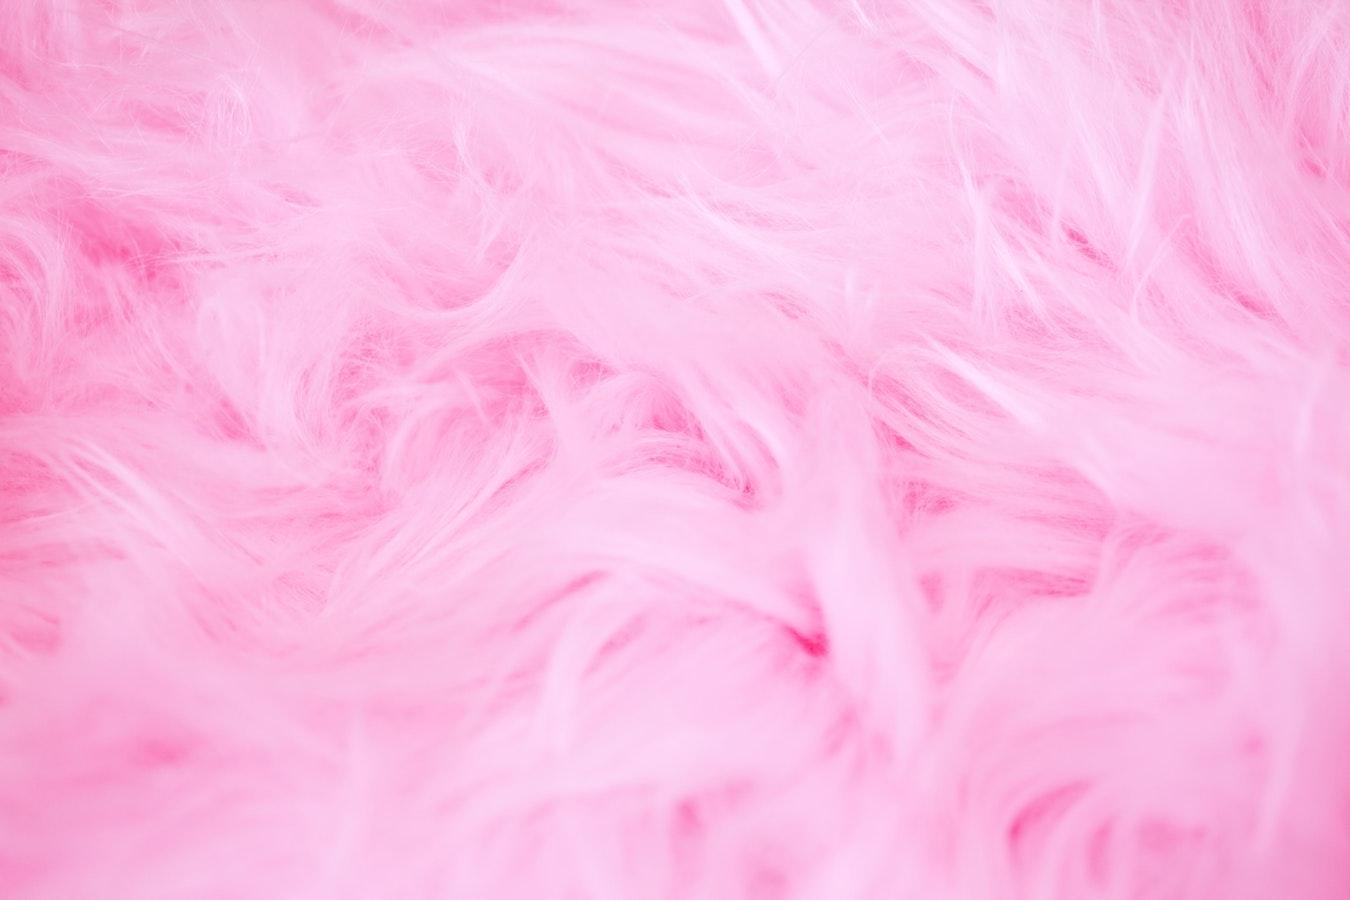 Frauensteuer? Pink Tax, nein danke!